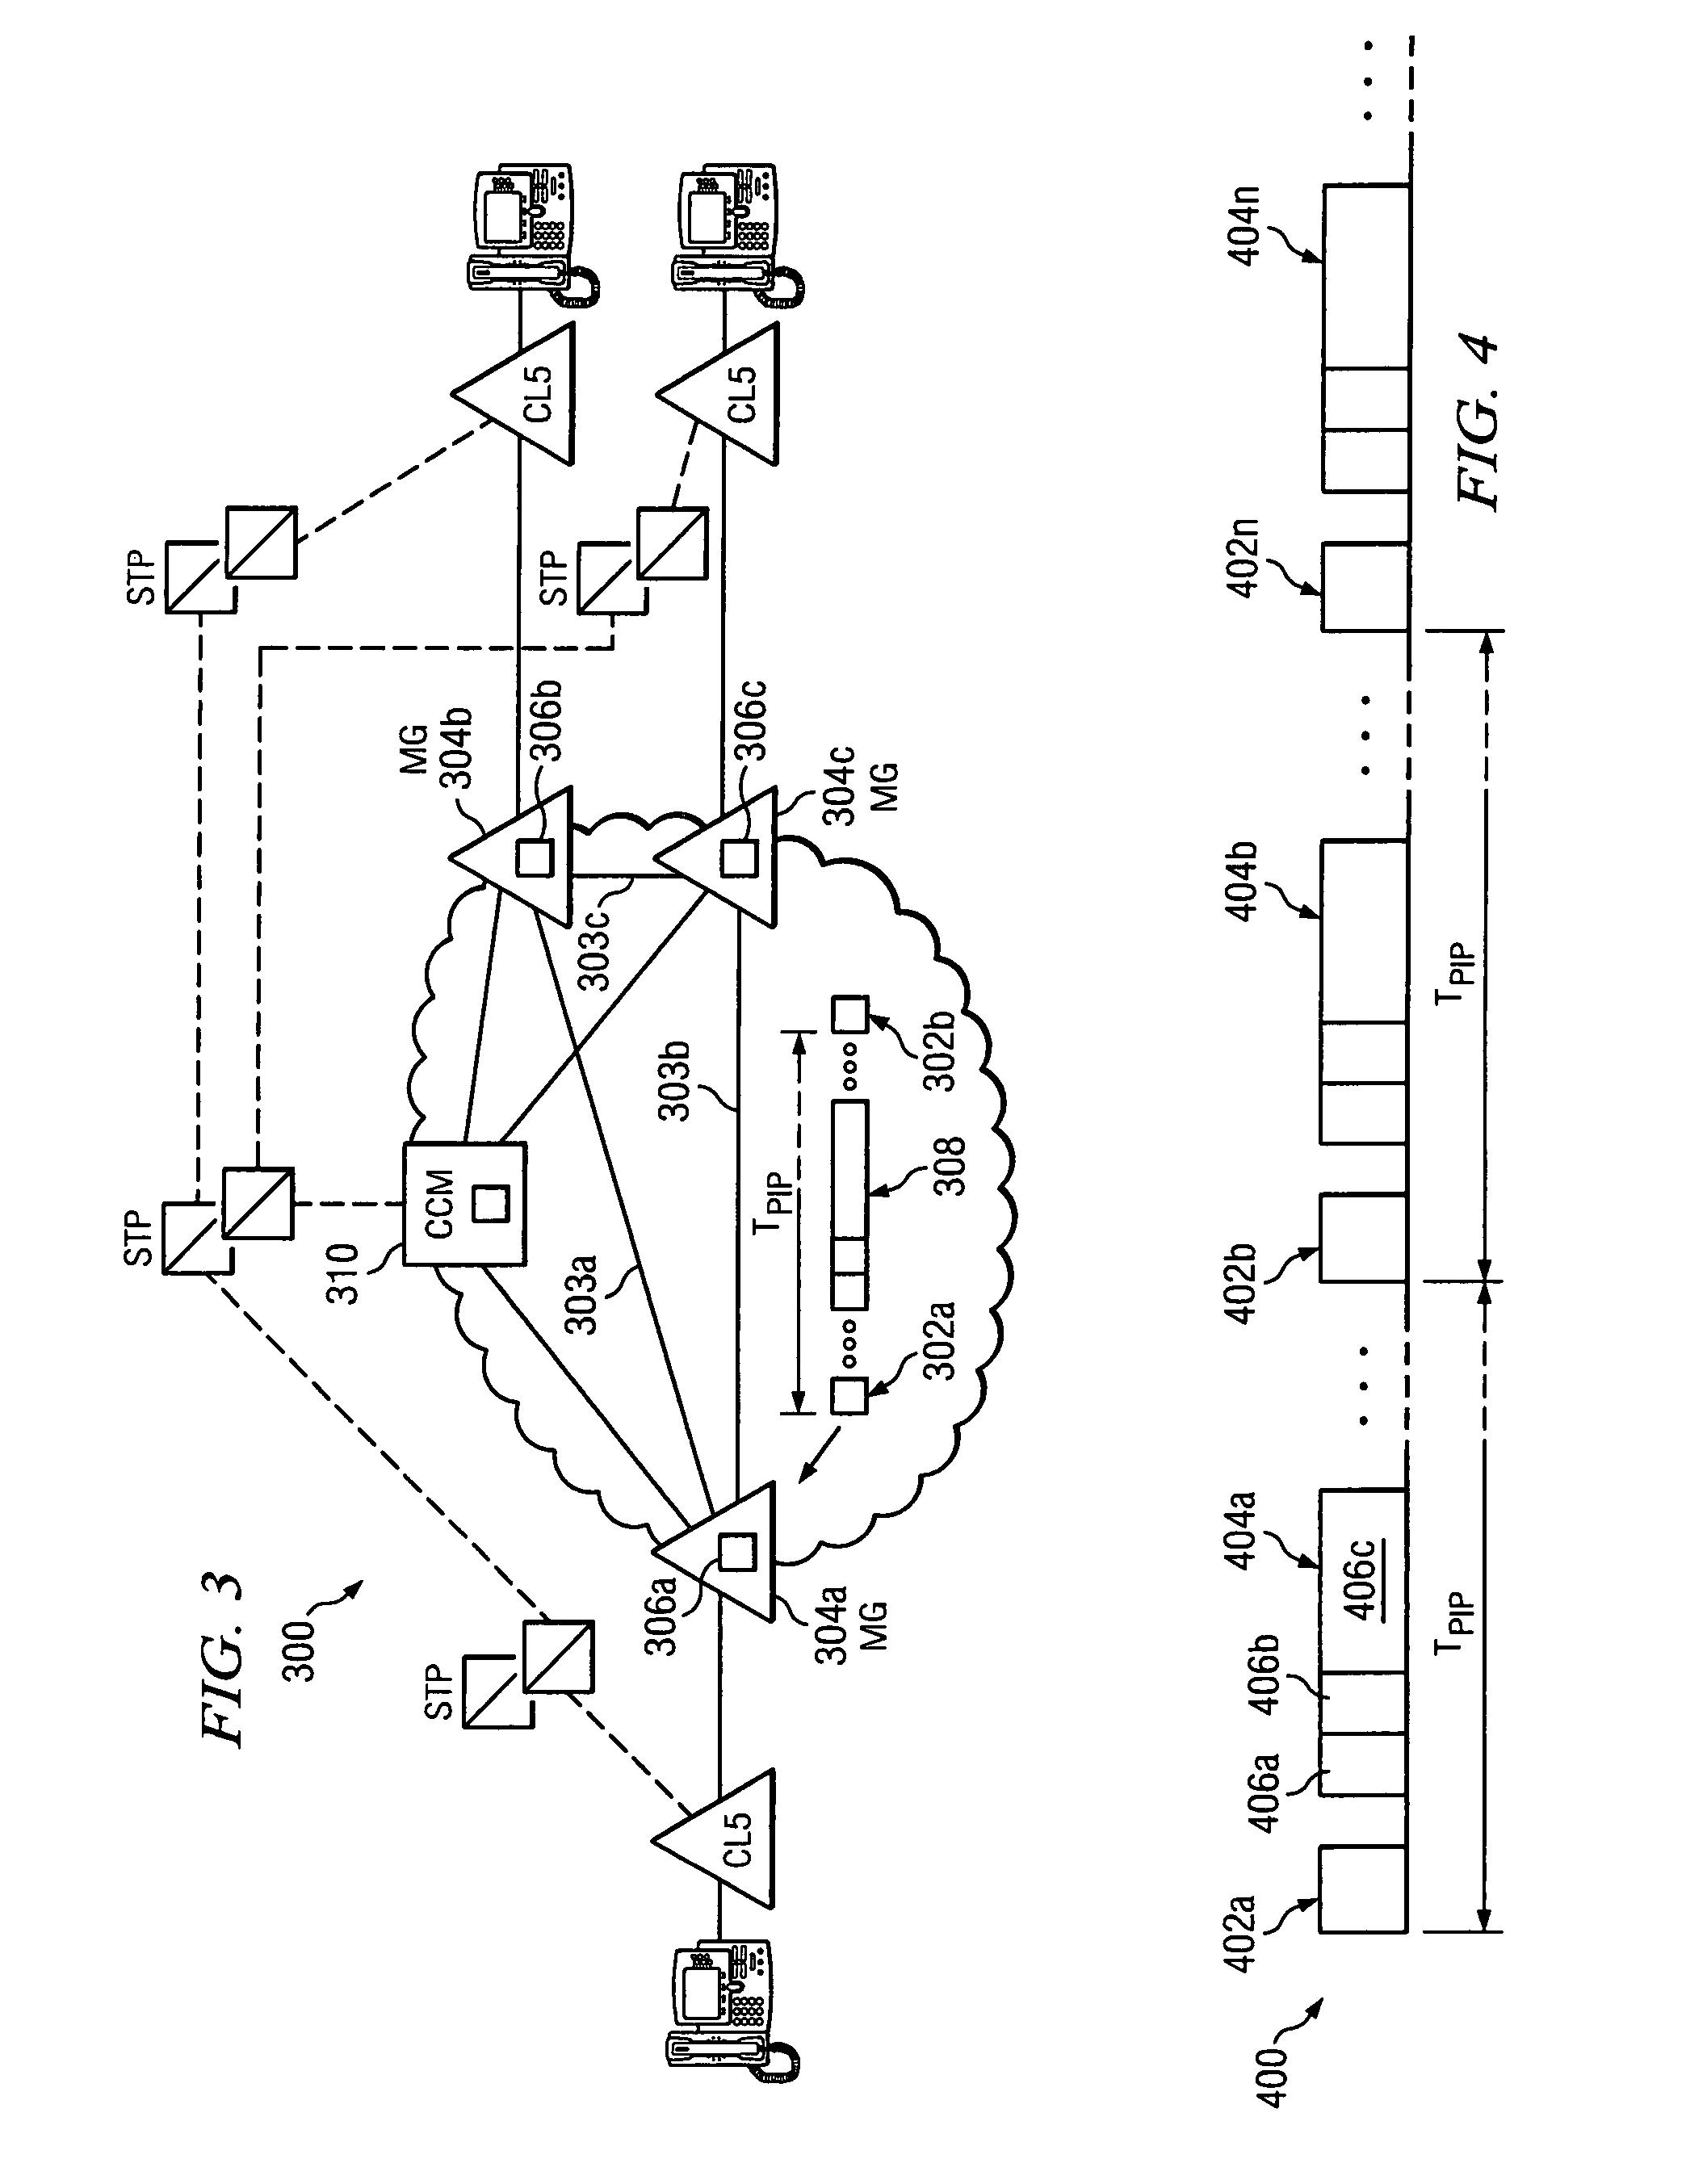 patent us 8 199 653 b2 Basic Diagram patent images patent images patent images